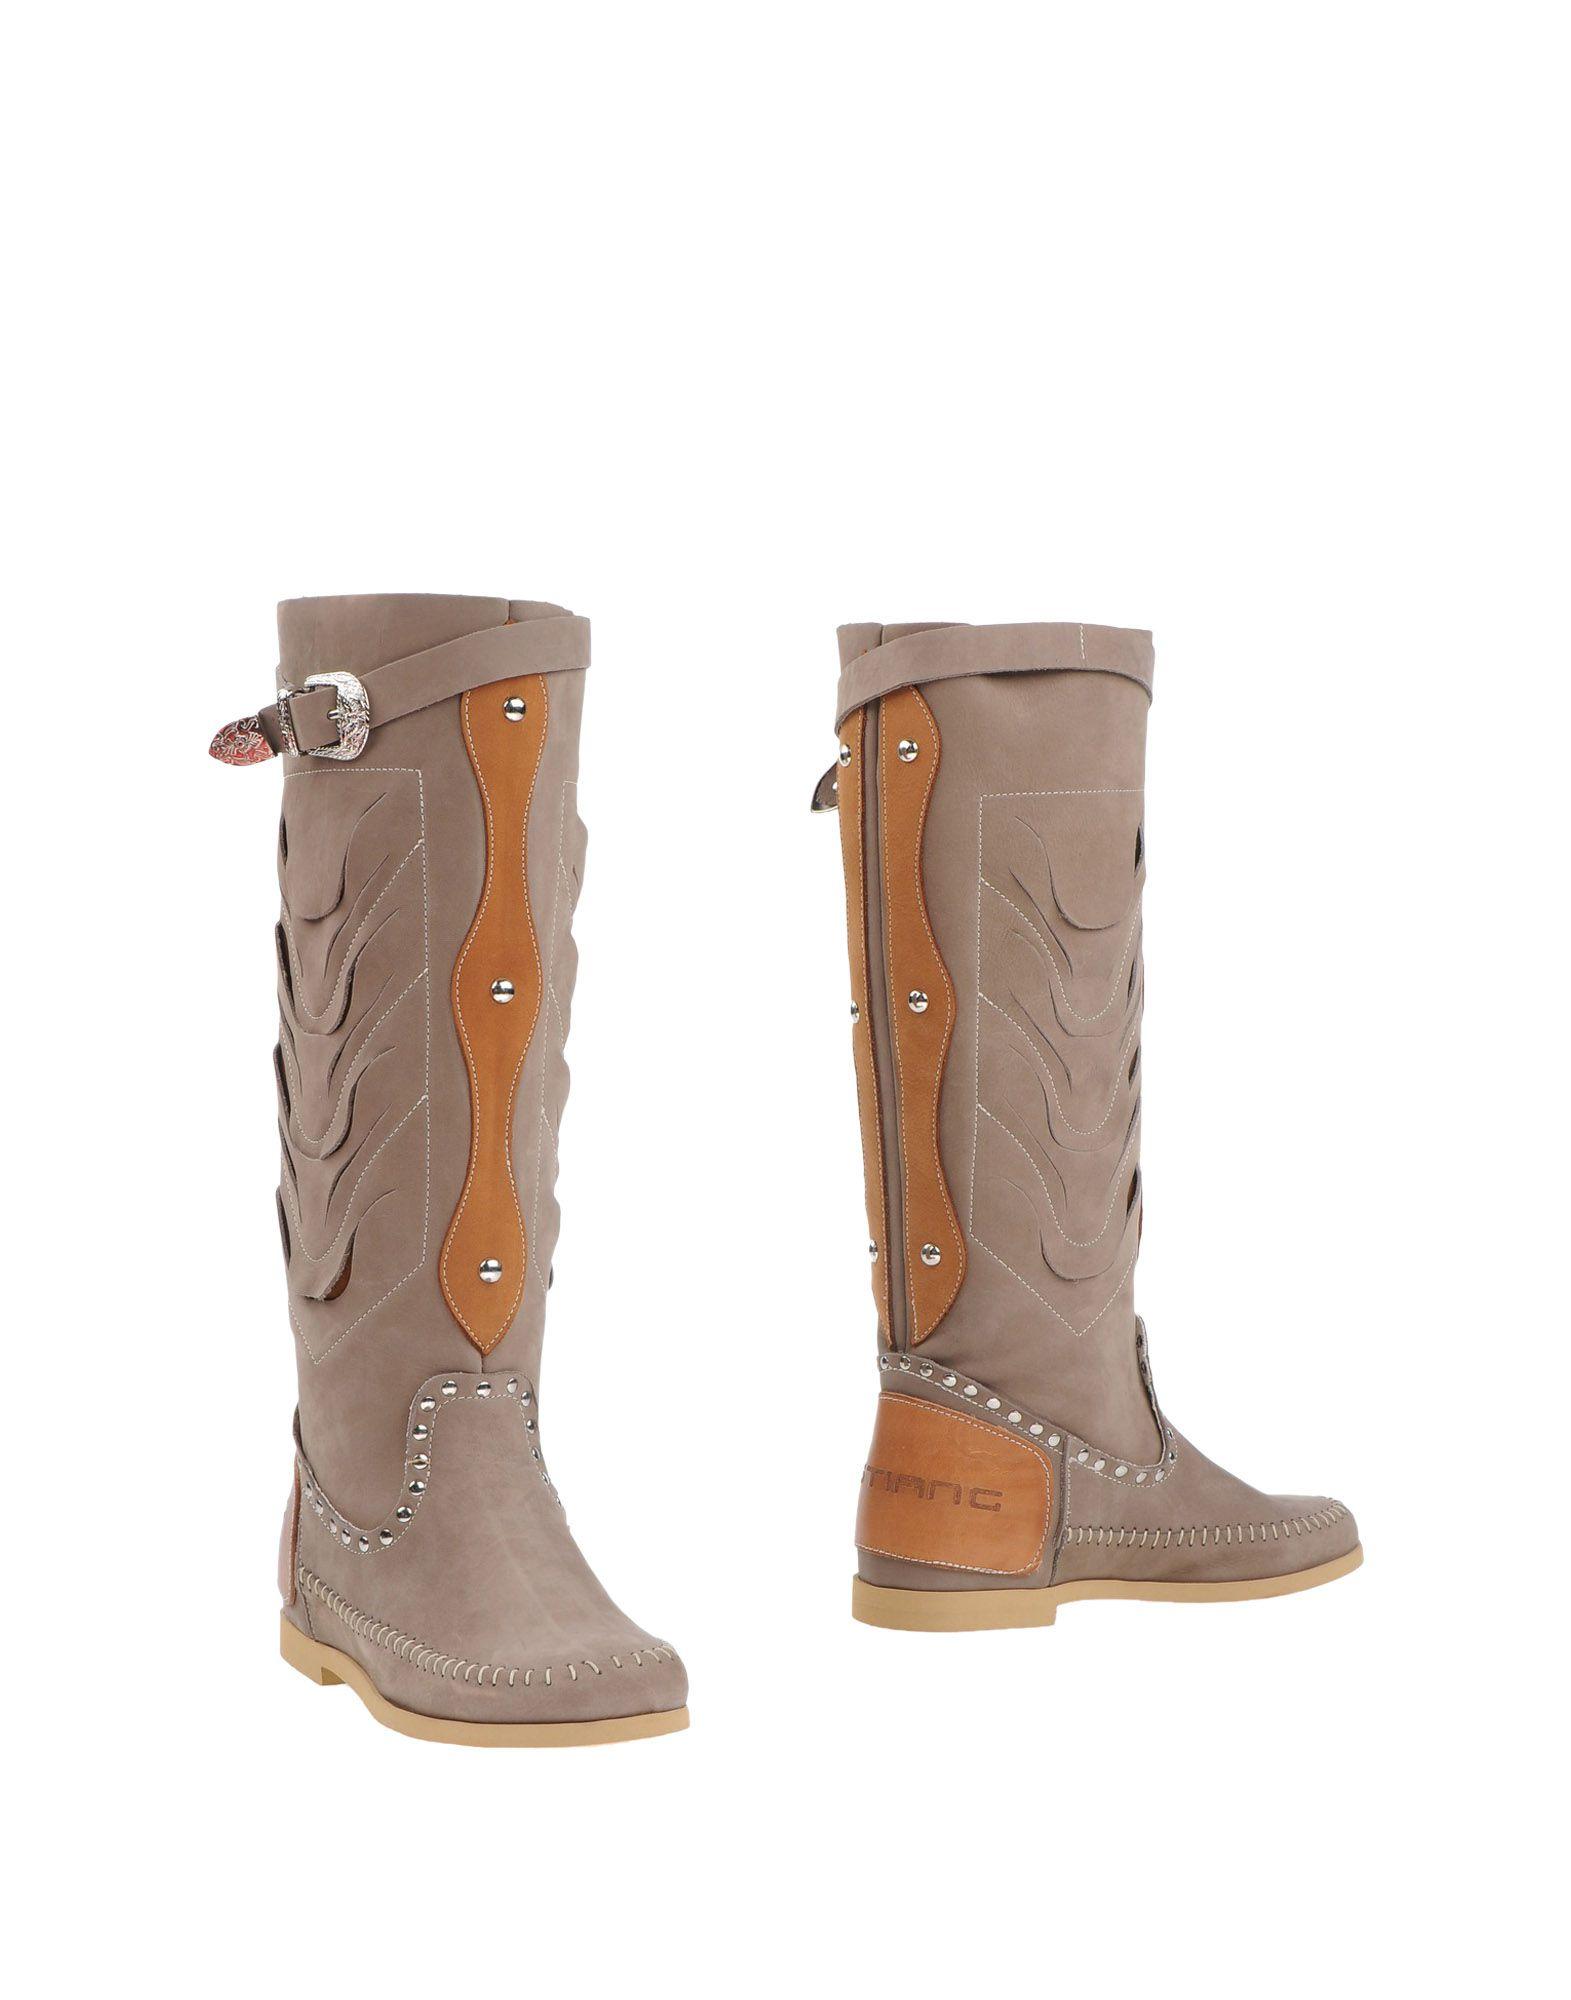 Cristian G Stiefel Damen  11330940VX Gute Qualität beliebte Schuhe